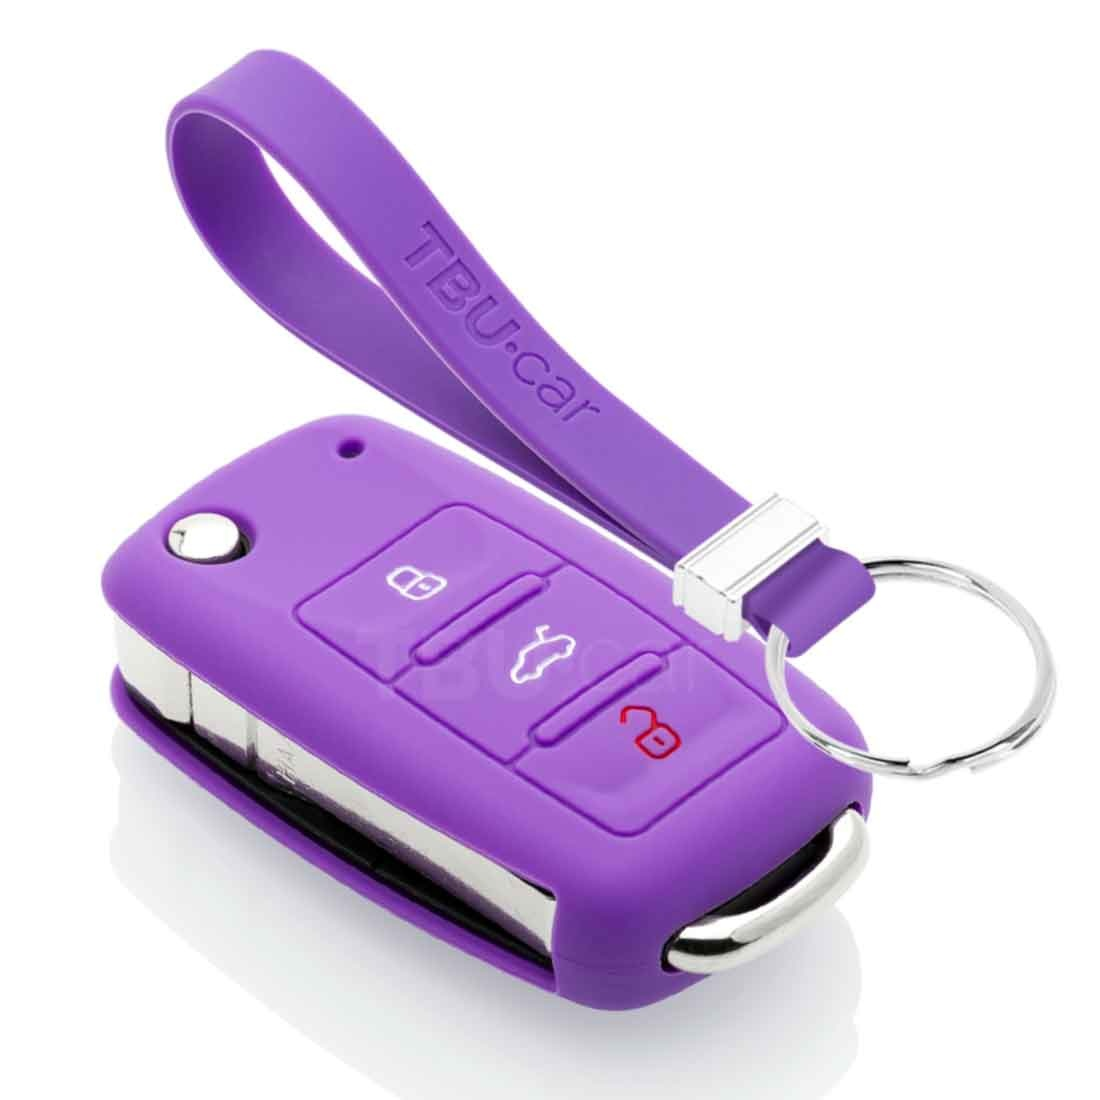 TBU car TBU car Sleutel cover compatibel met VW - Silicone sleutelhoesje - beschermhoesje autosleutel - Paars